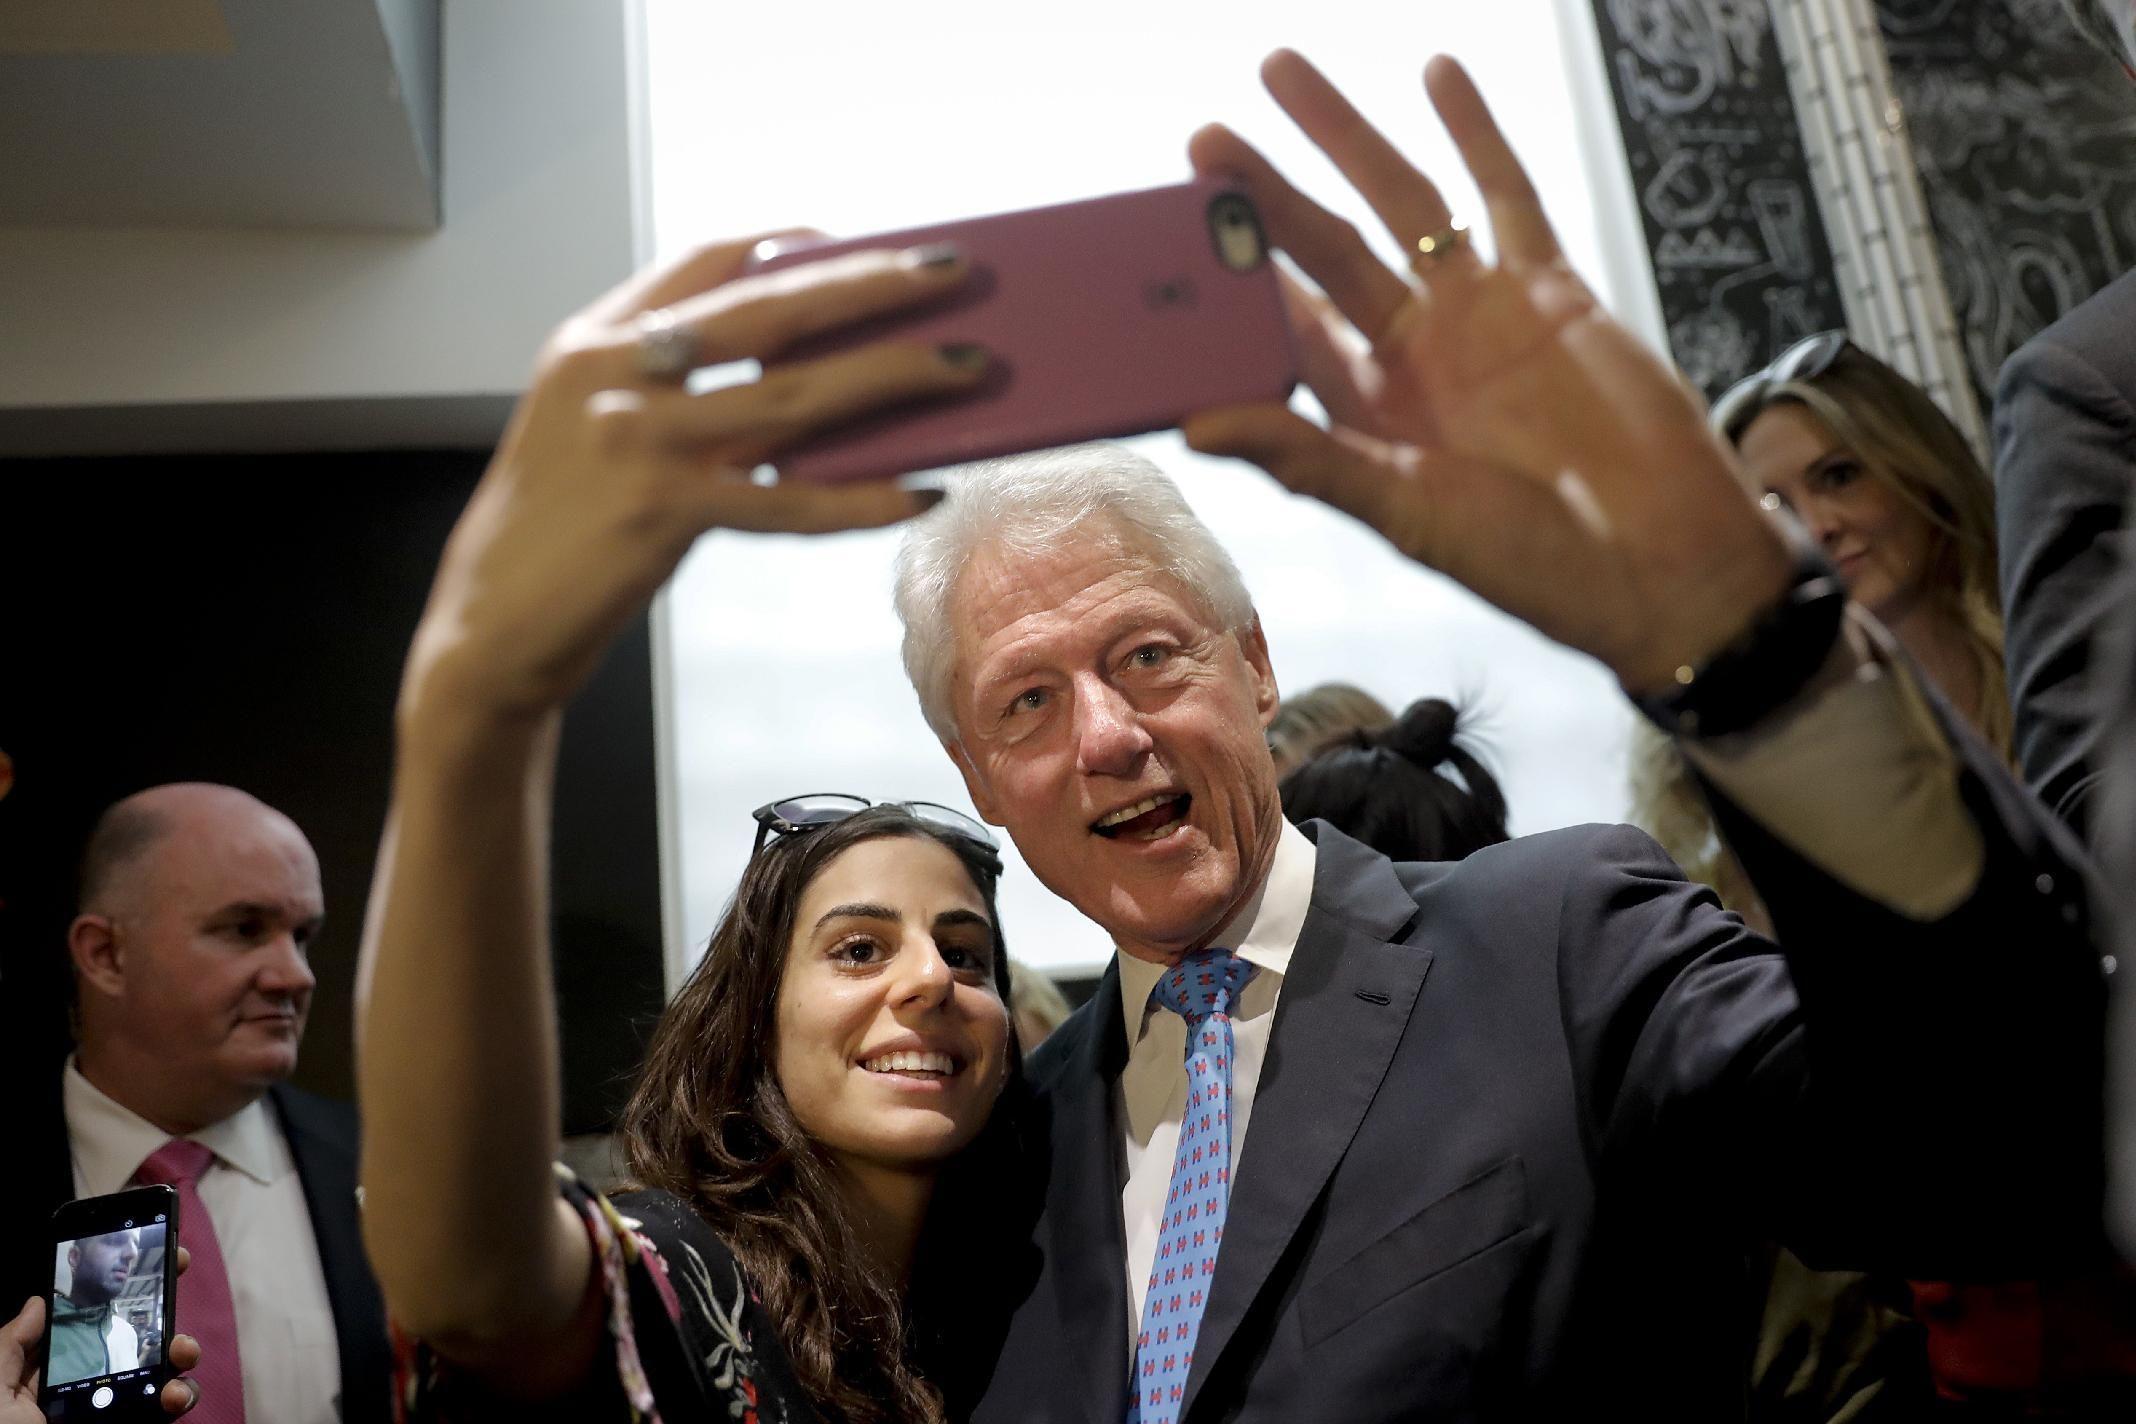 ATHENS, Ohio, EE.UU. (AP) — Ignorando sus propios excesos amorosos, Donald Trump quiere que el electorado opine que las relaciones extramatrimoniales de Bill Clinton deberían descalificar a su esposa Hillary Clinton como presidenta.